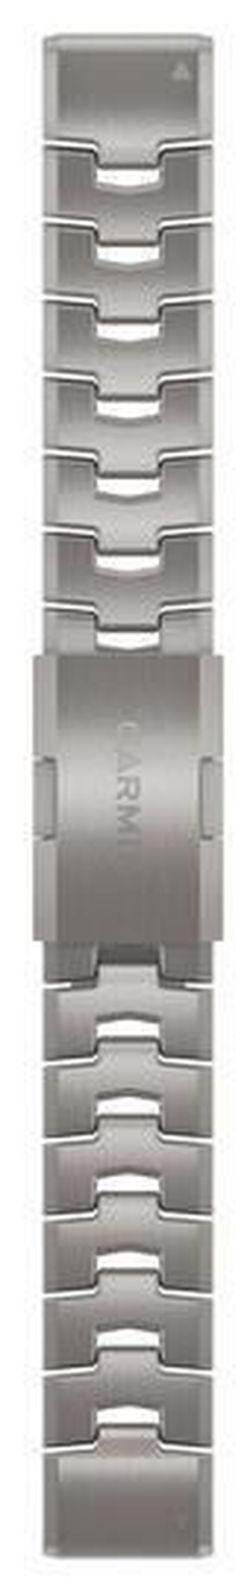 купить Аксессуар для моб. устройства Garmin QuickFit fenix 6 22mm Titanium Band в Кишинёве